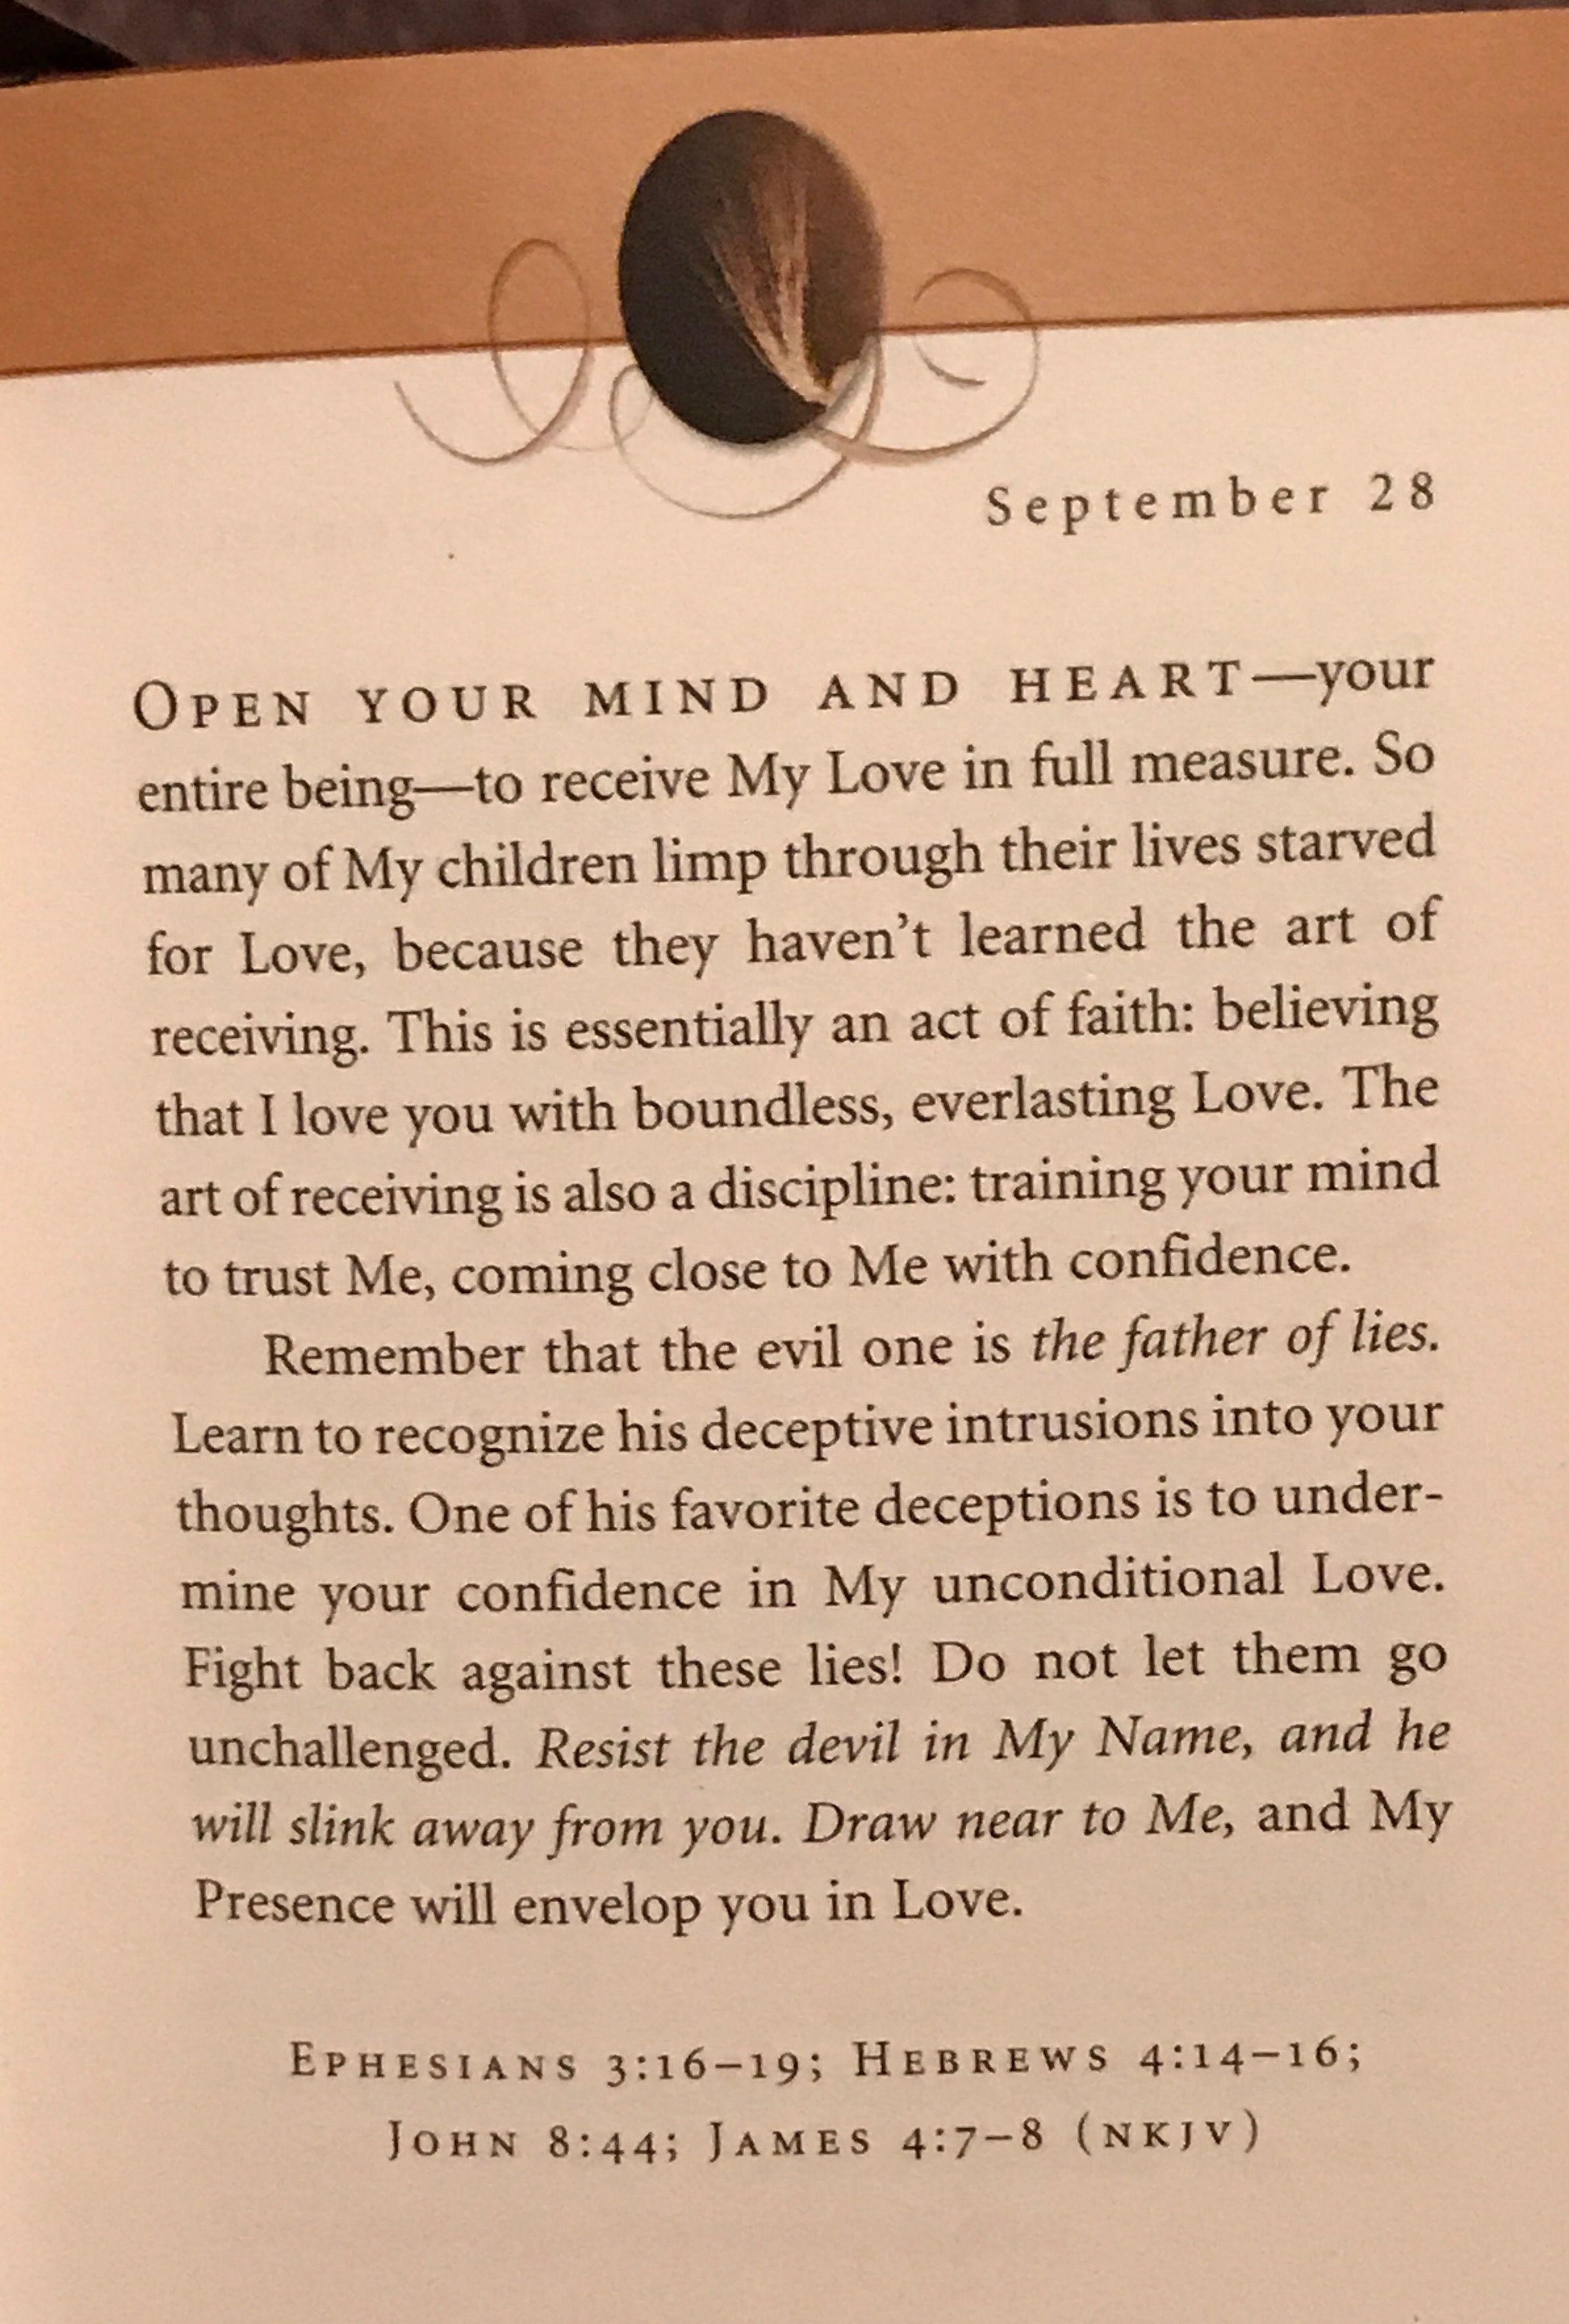 Good Morning  I Am Feeling Very Loved   Jesus Christ